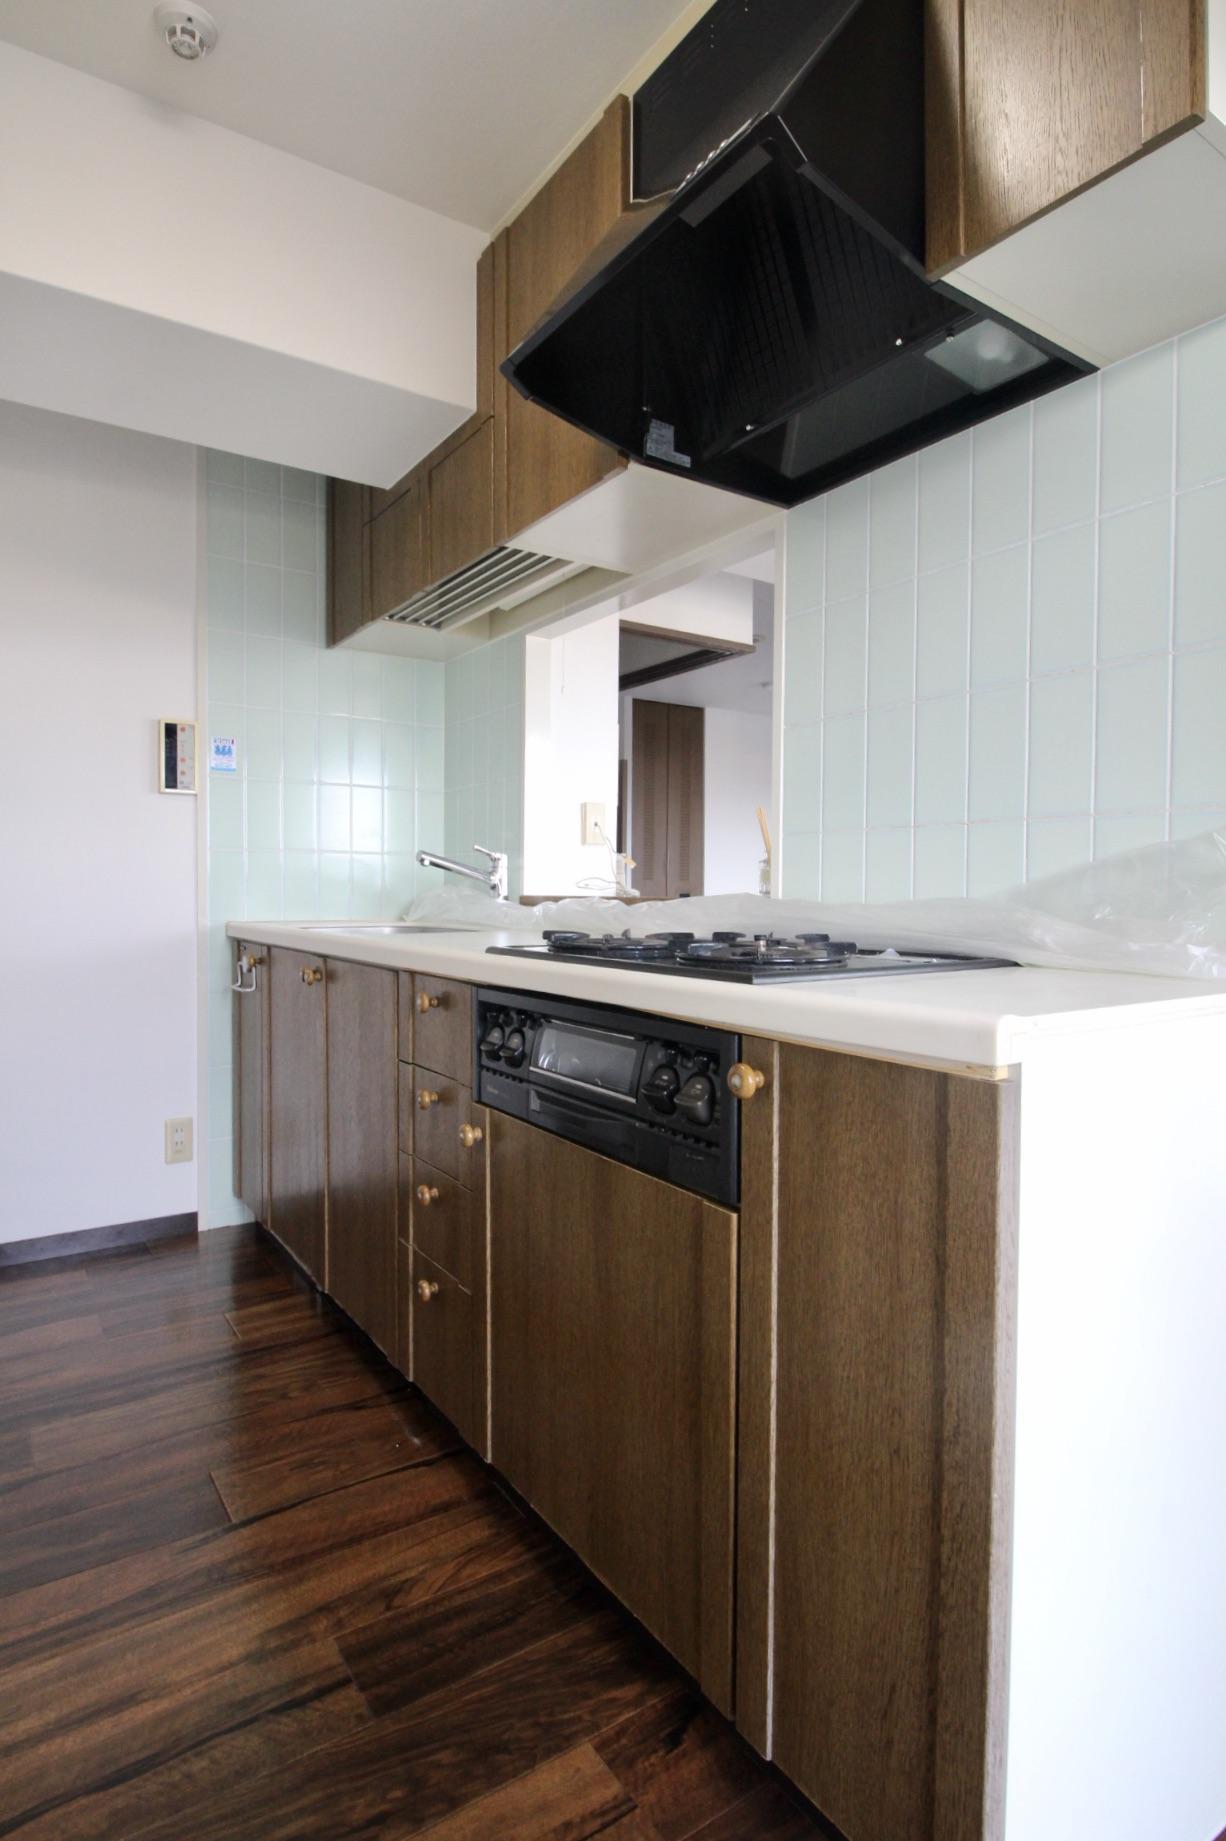 木製キッチンは使い勝手も良さそうでそのままで質感もいい感じ